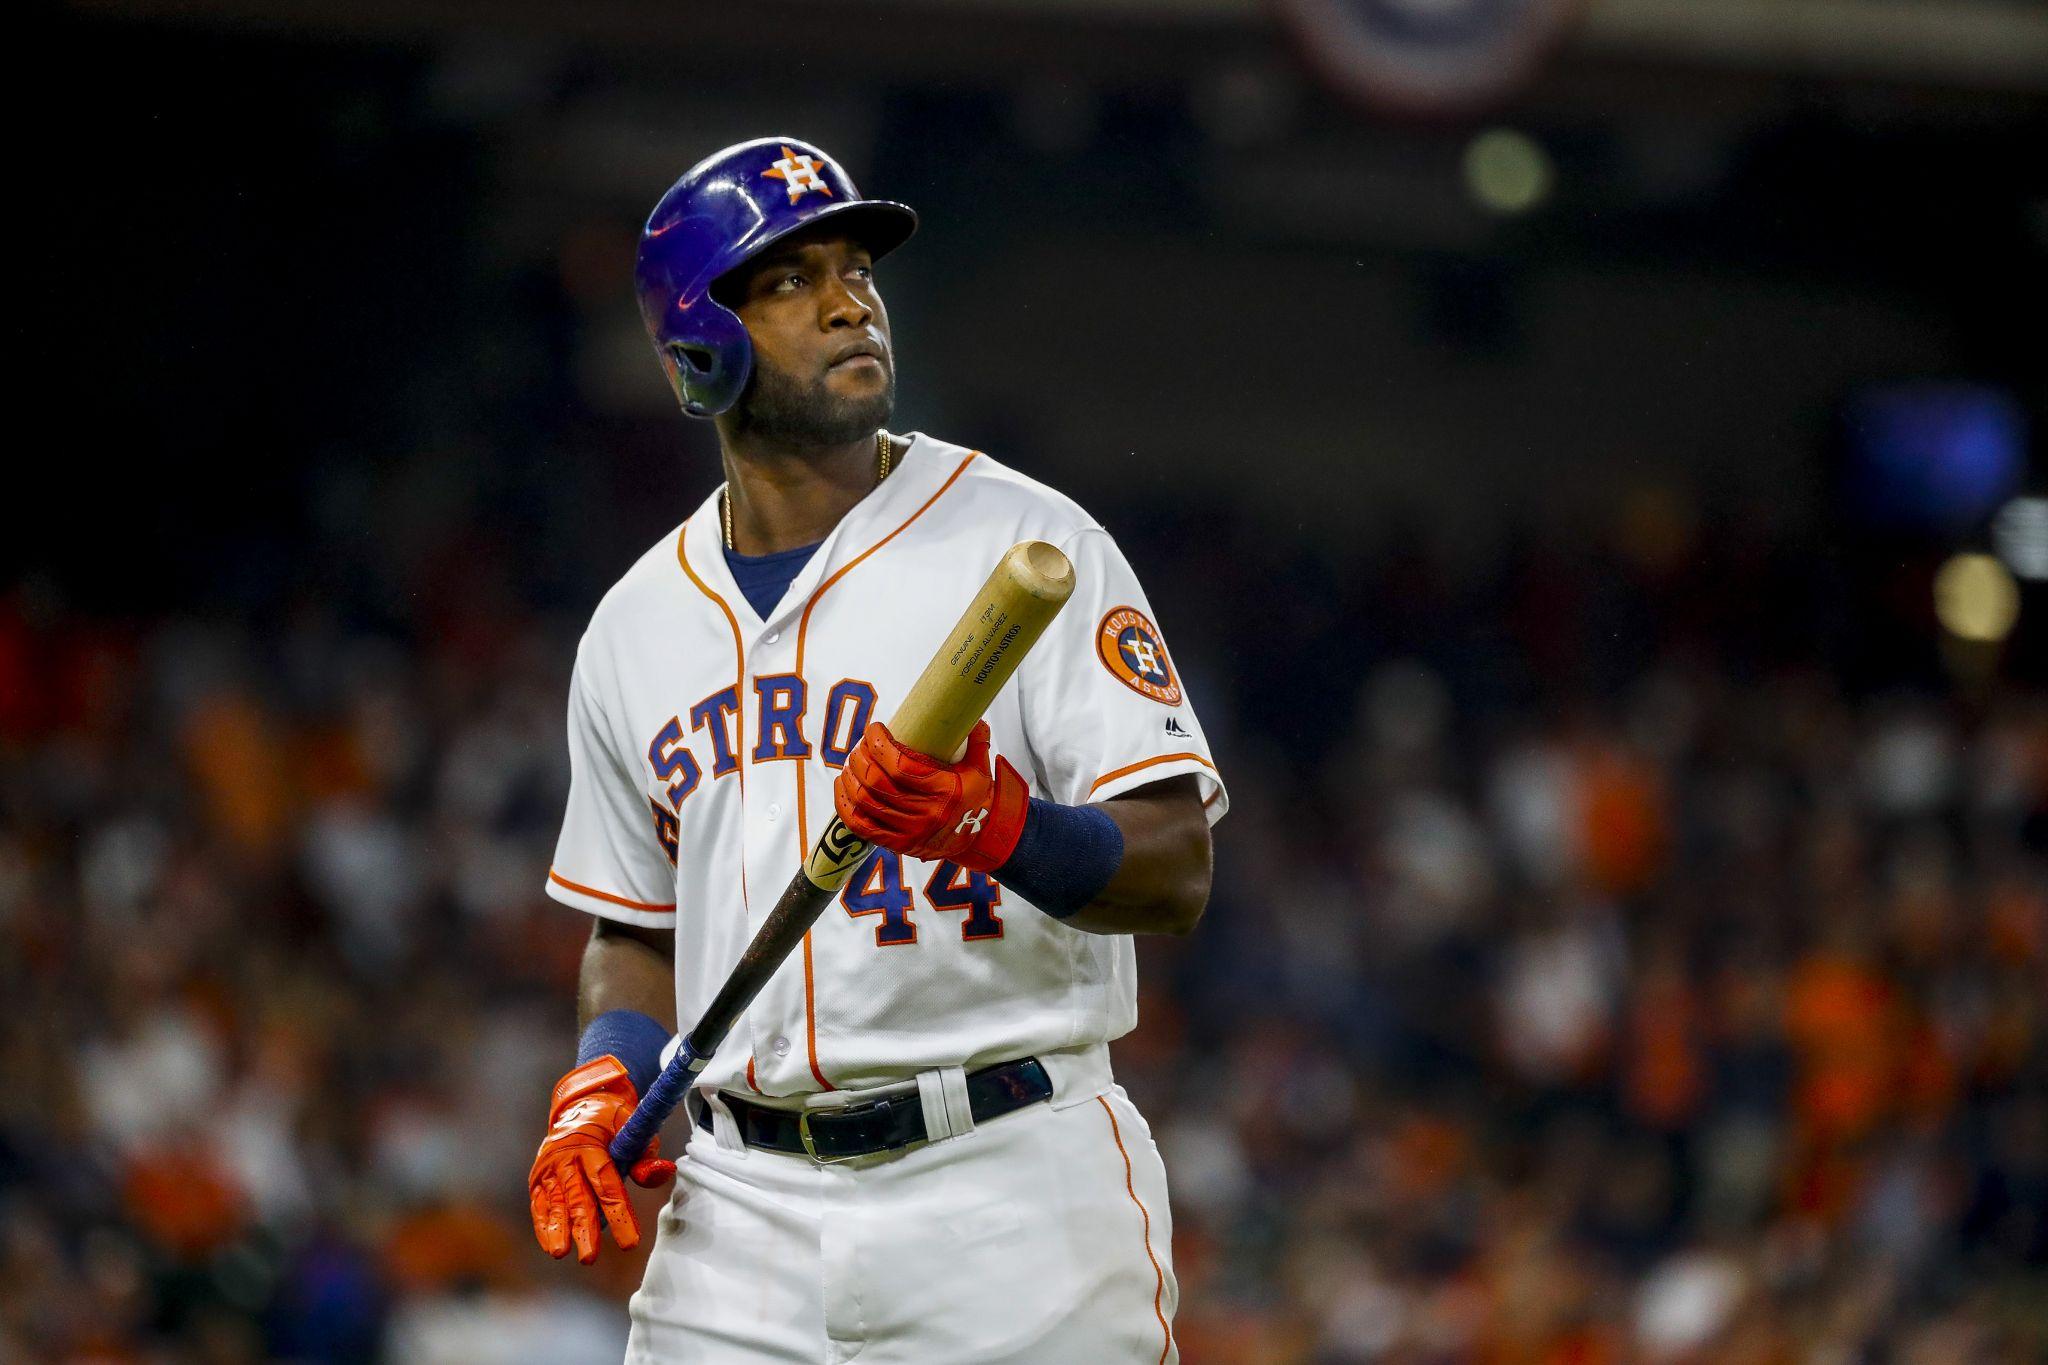 Resultado de imagen para Yordan Álvarez, Astros de Houston